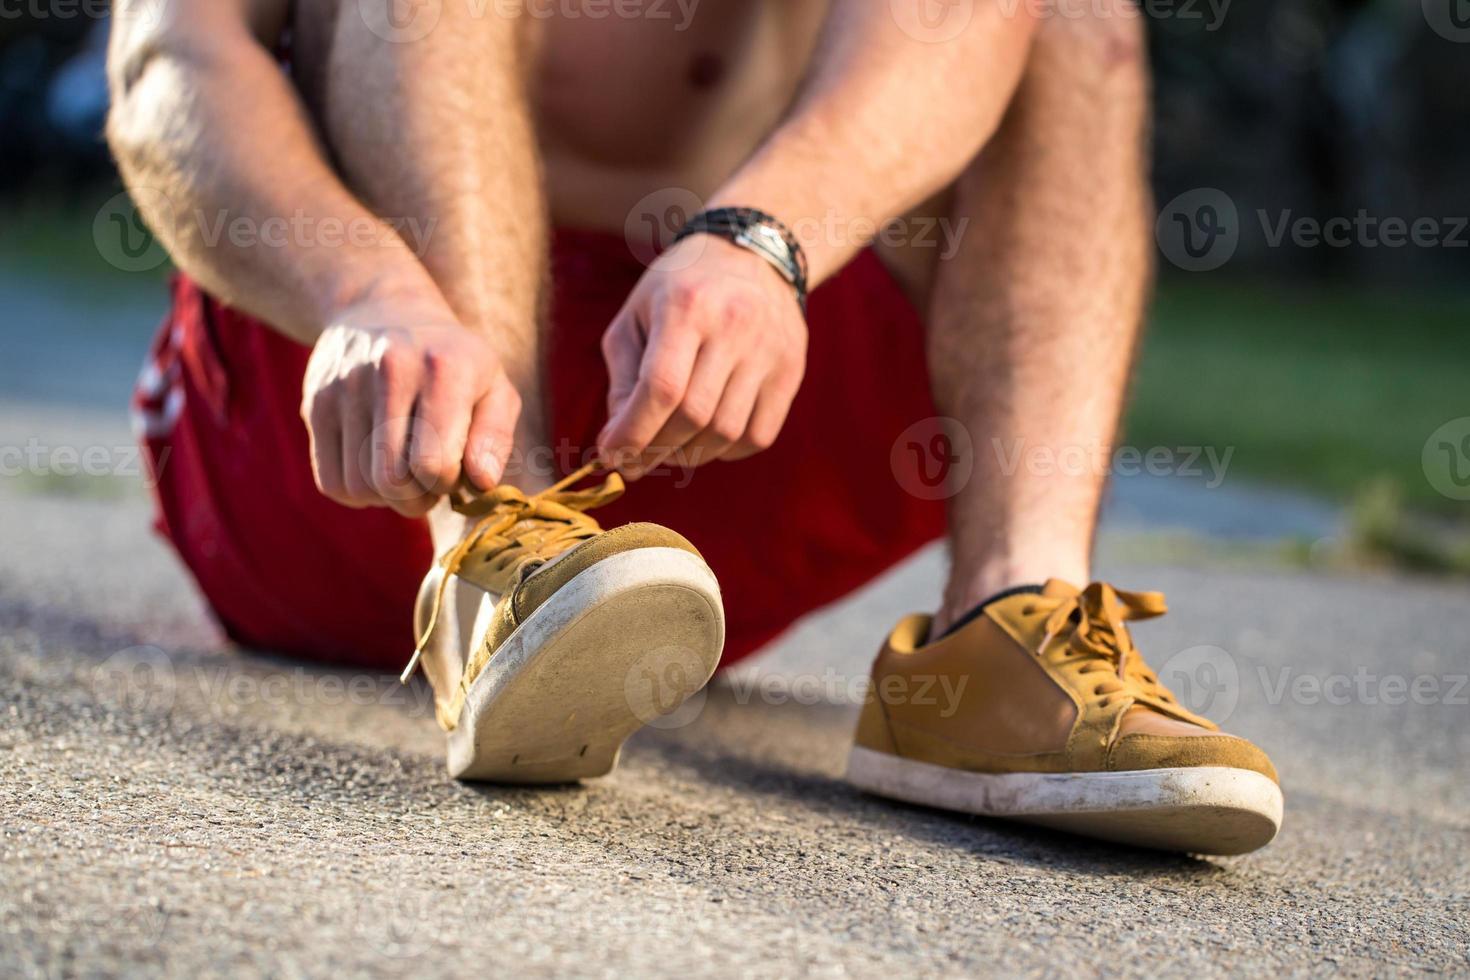 löpare knyta skor foto